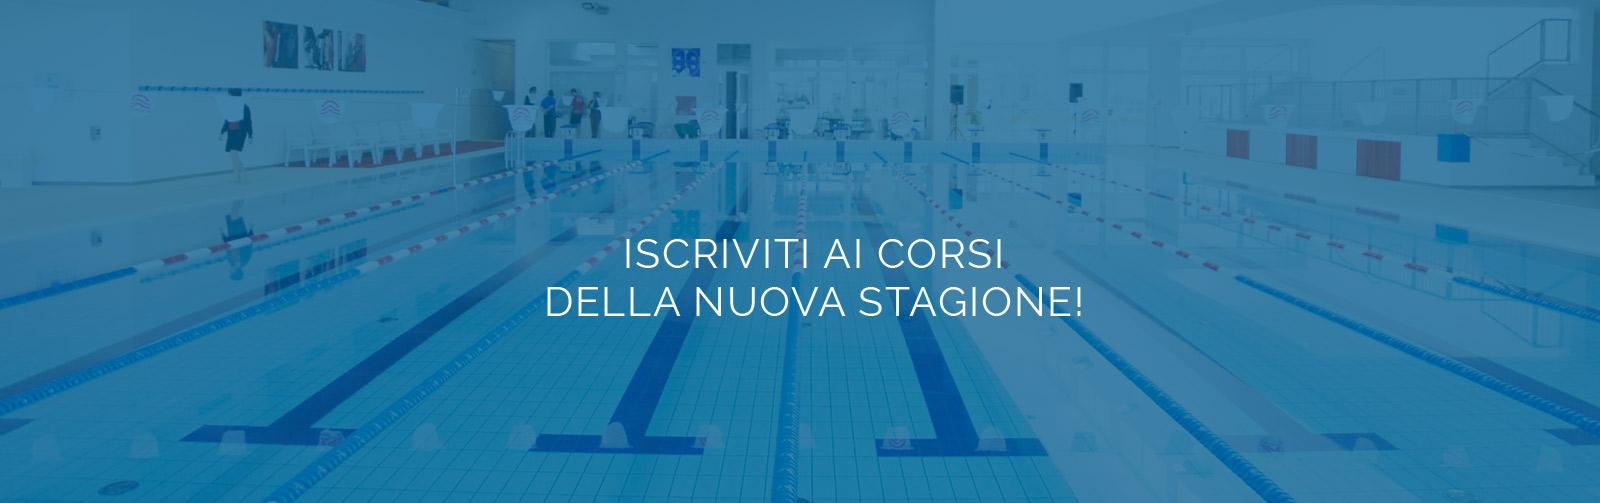 Conselve nuoto piscina comunale di conselve - Corsi piscina neonati ...